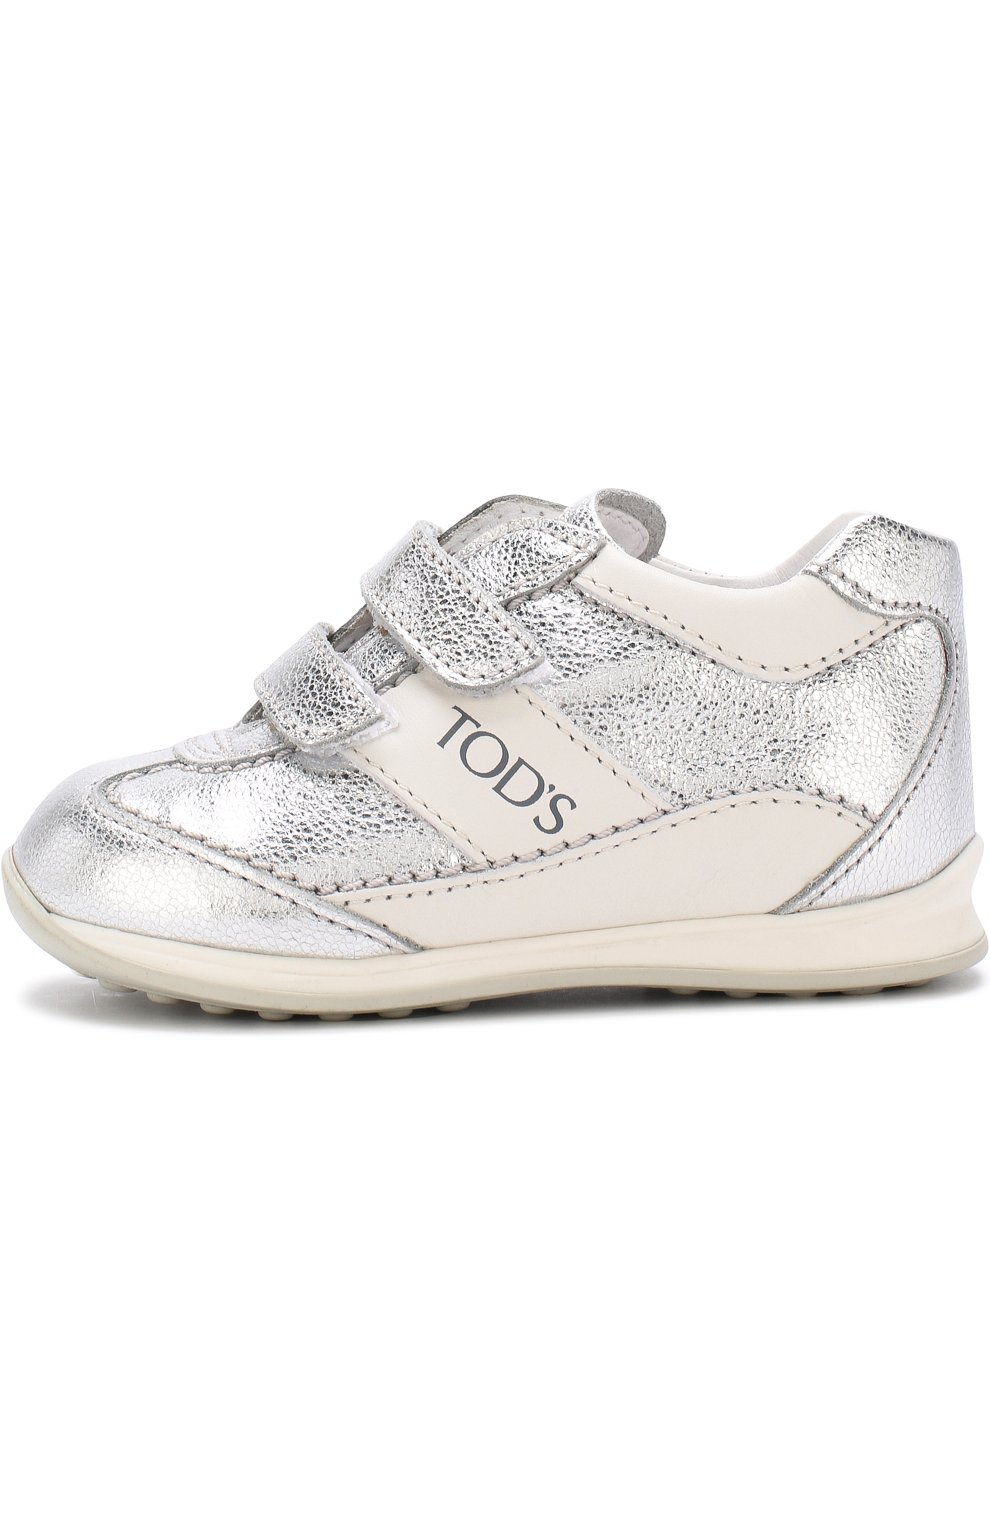 Кроссовки из металлизированной кожи с застежками велькро | Фото №2